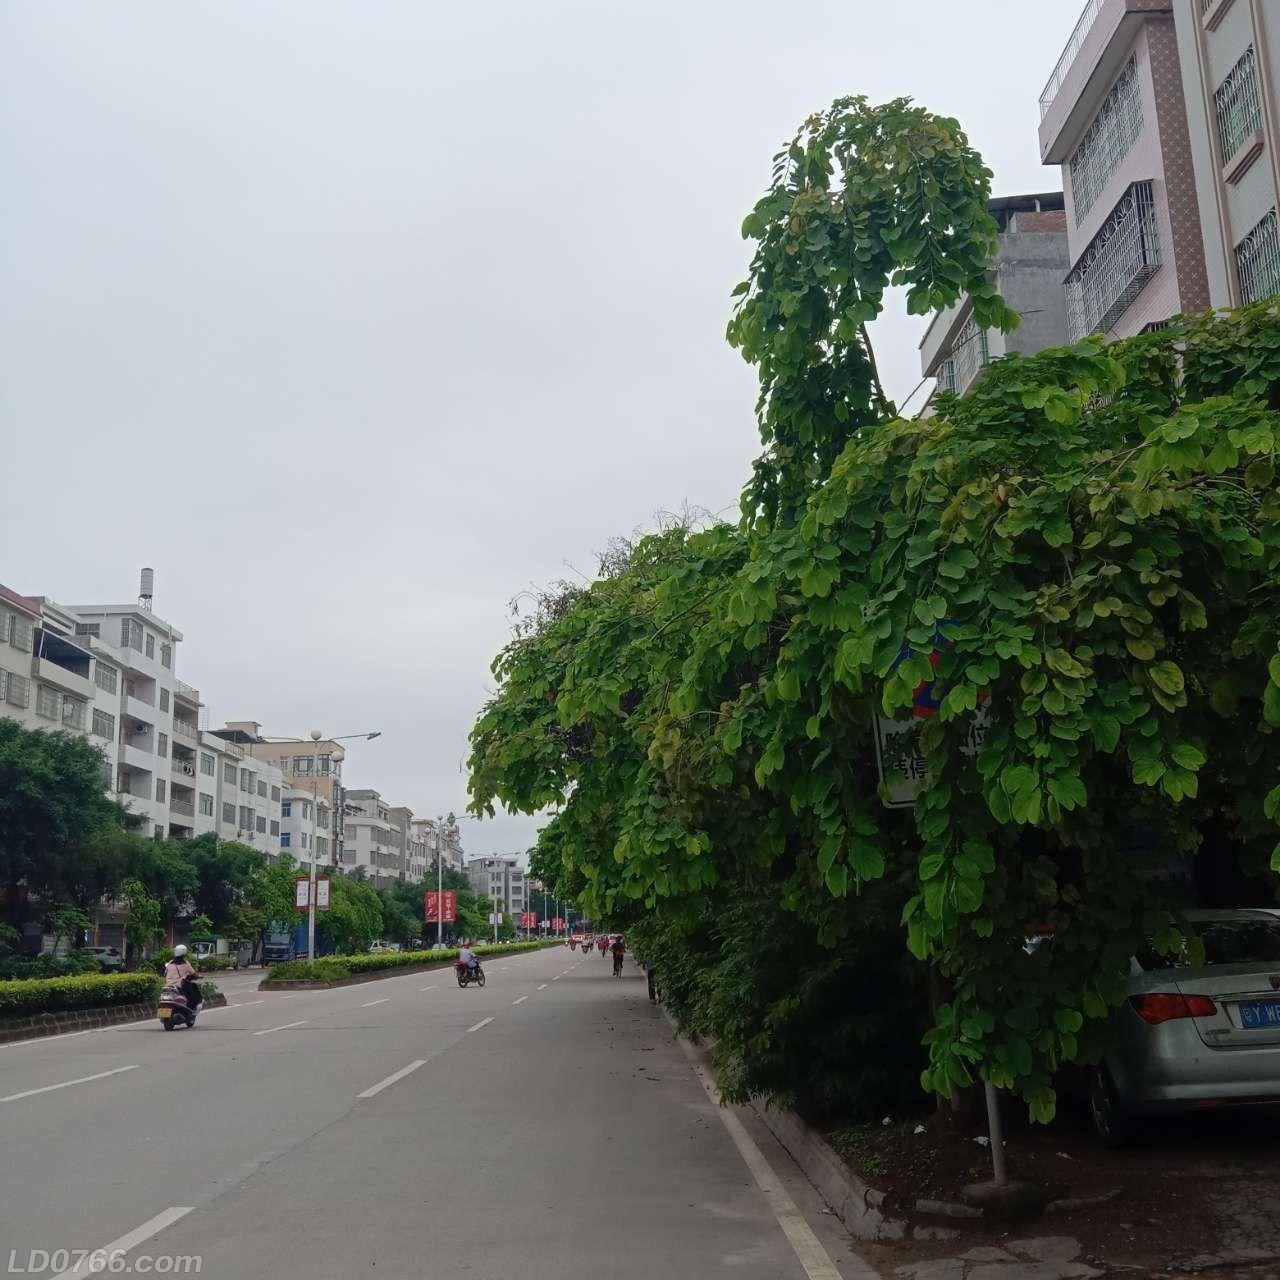 大新前路的树该修剪了